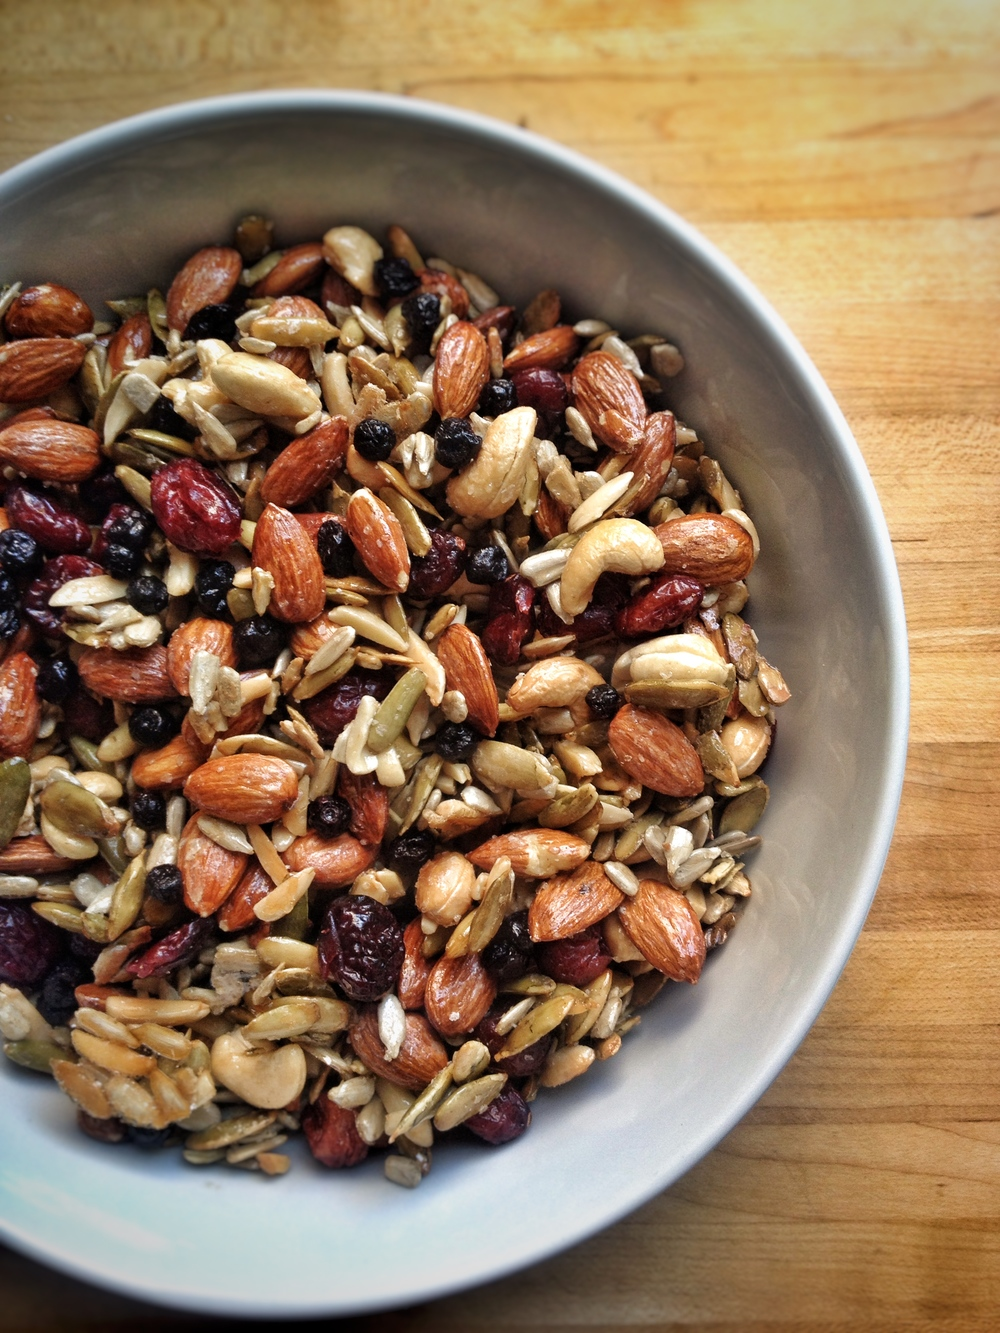 Roasted Maple Nuts